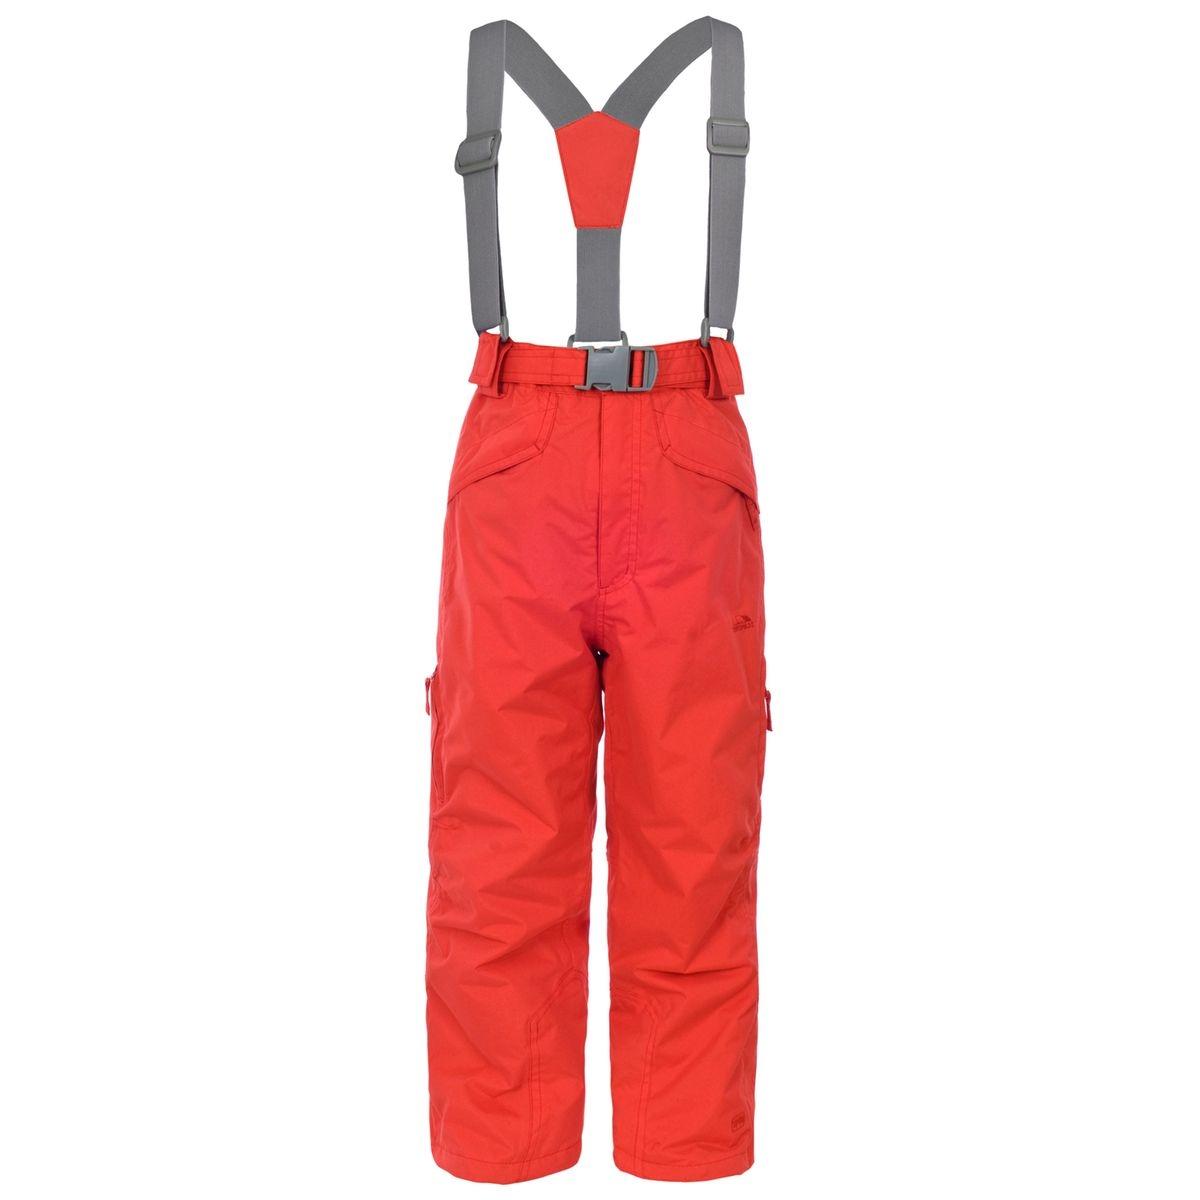 Marvelous pantalon de ski enfants